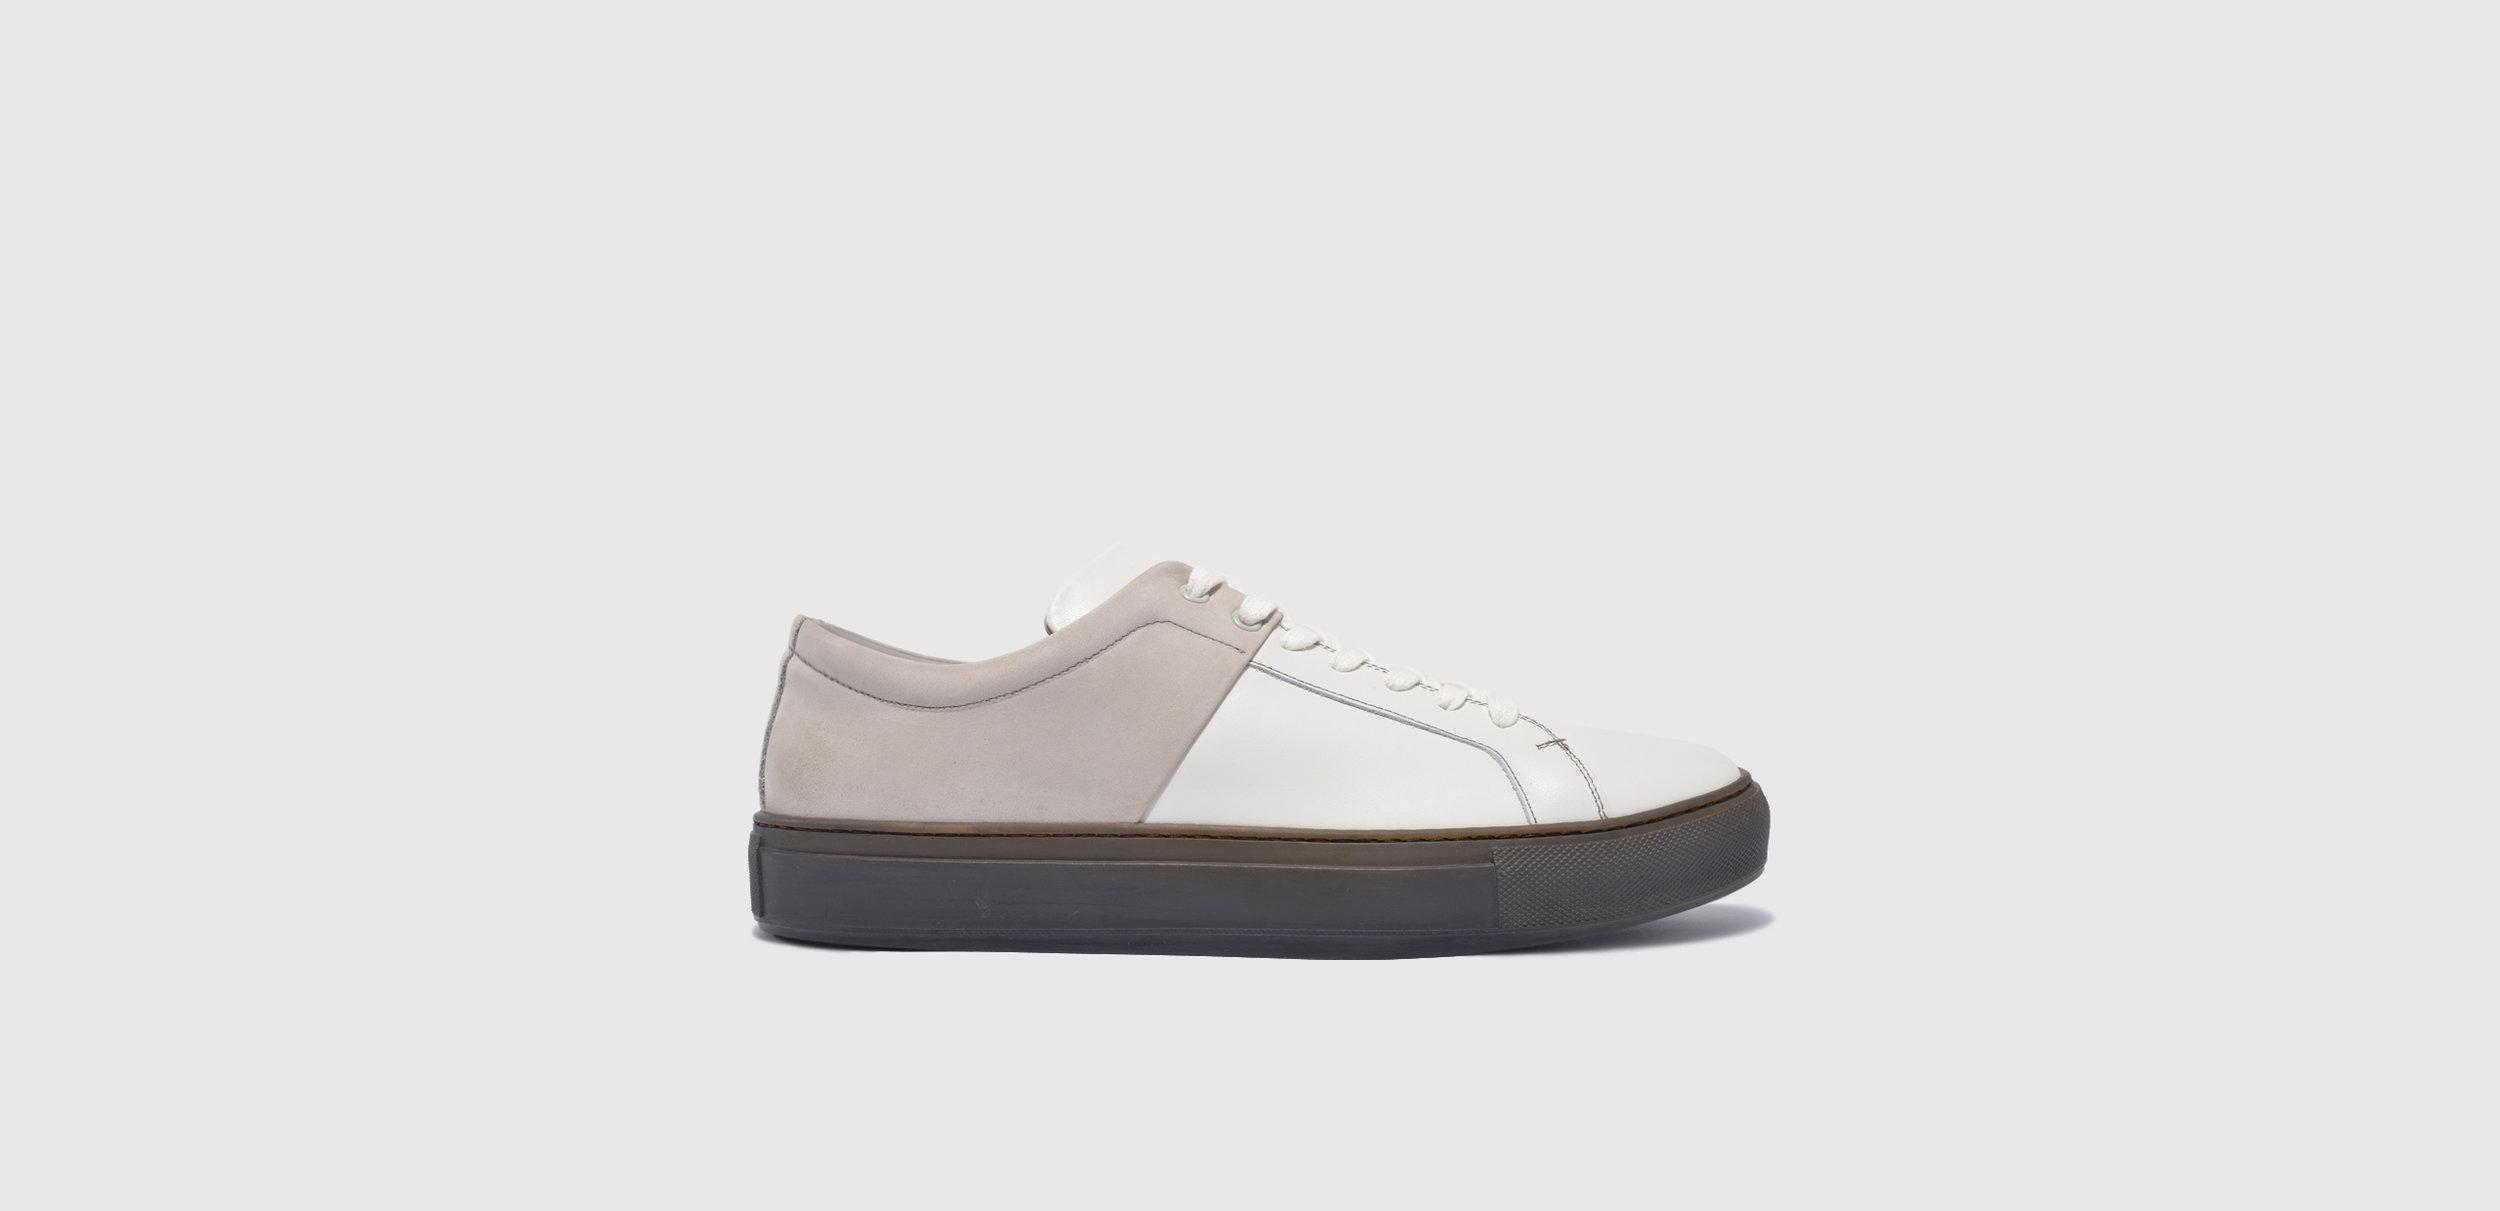 blucher-01-nubuck-leather-perla-asphalt-m-1.jpg